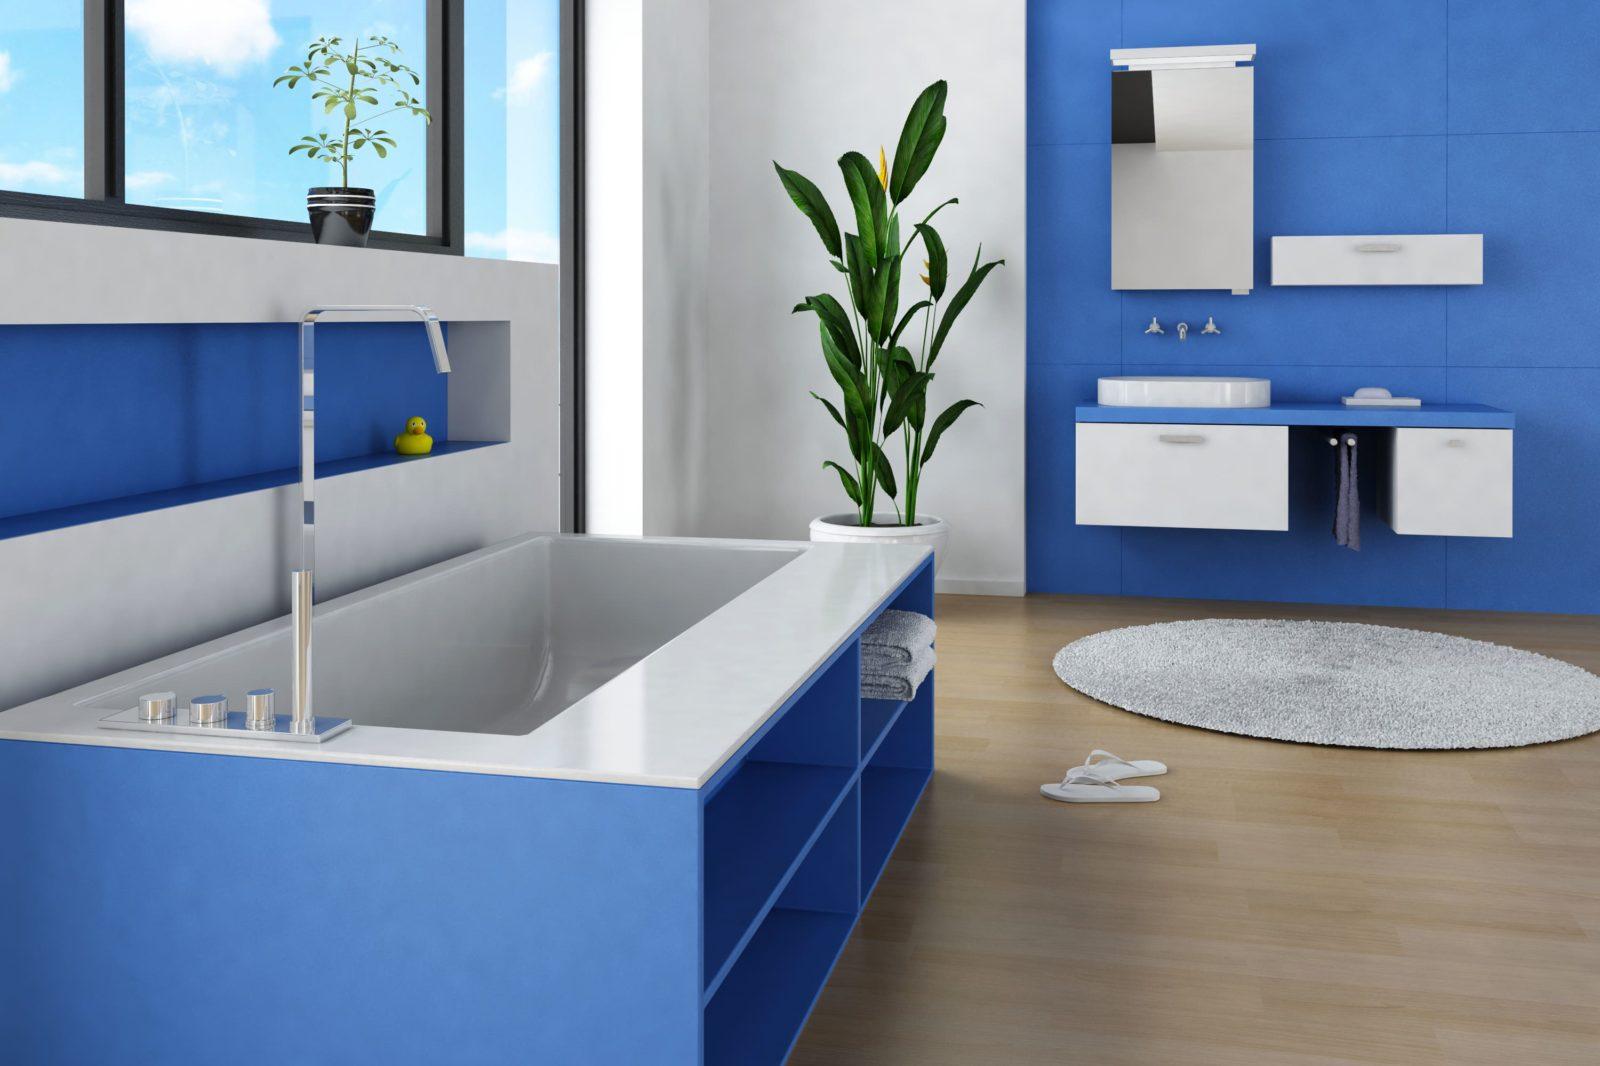 Salle de bains bleue et blanche